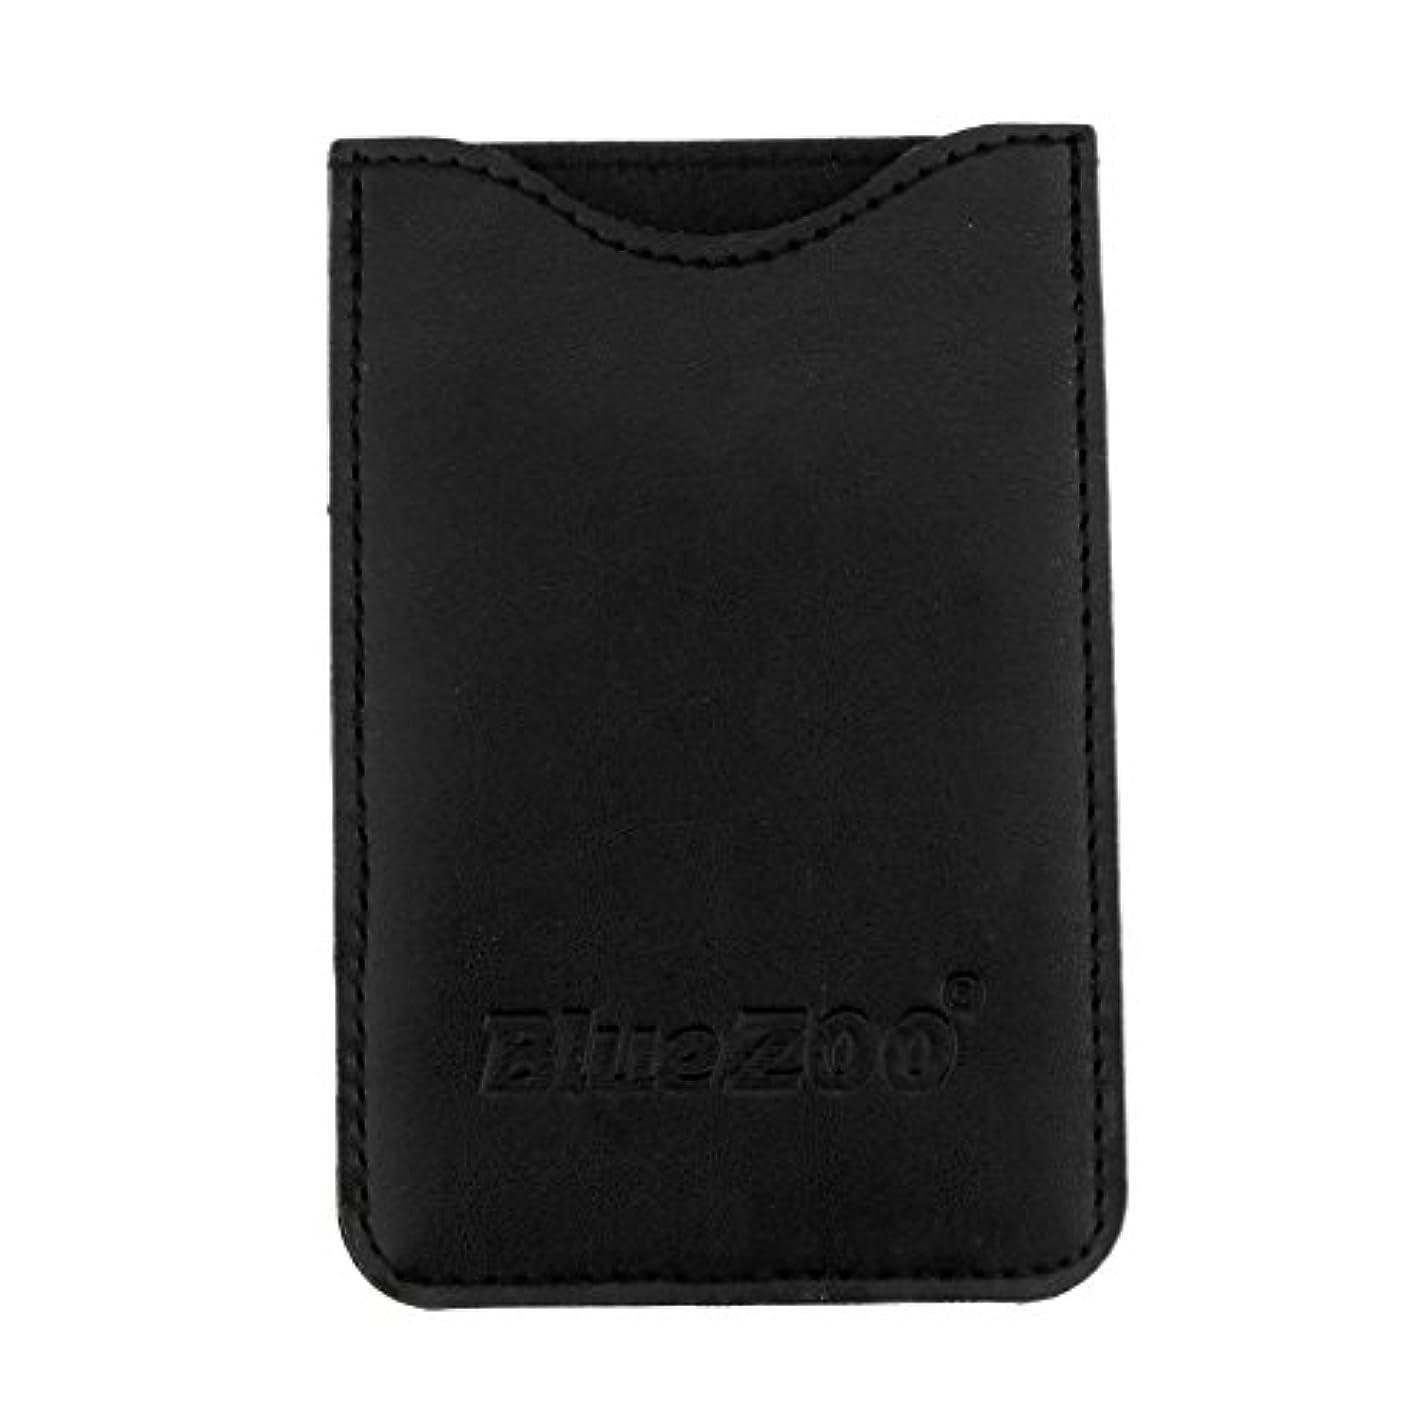 ピアベンチャー気質Toygogo PUレザー ポケット コームバッグ 櫛バッグ 収納パック 保護カバー 柔らかい 全2色 - ブラック